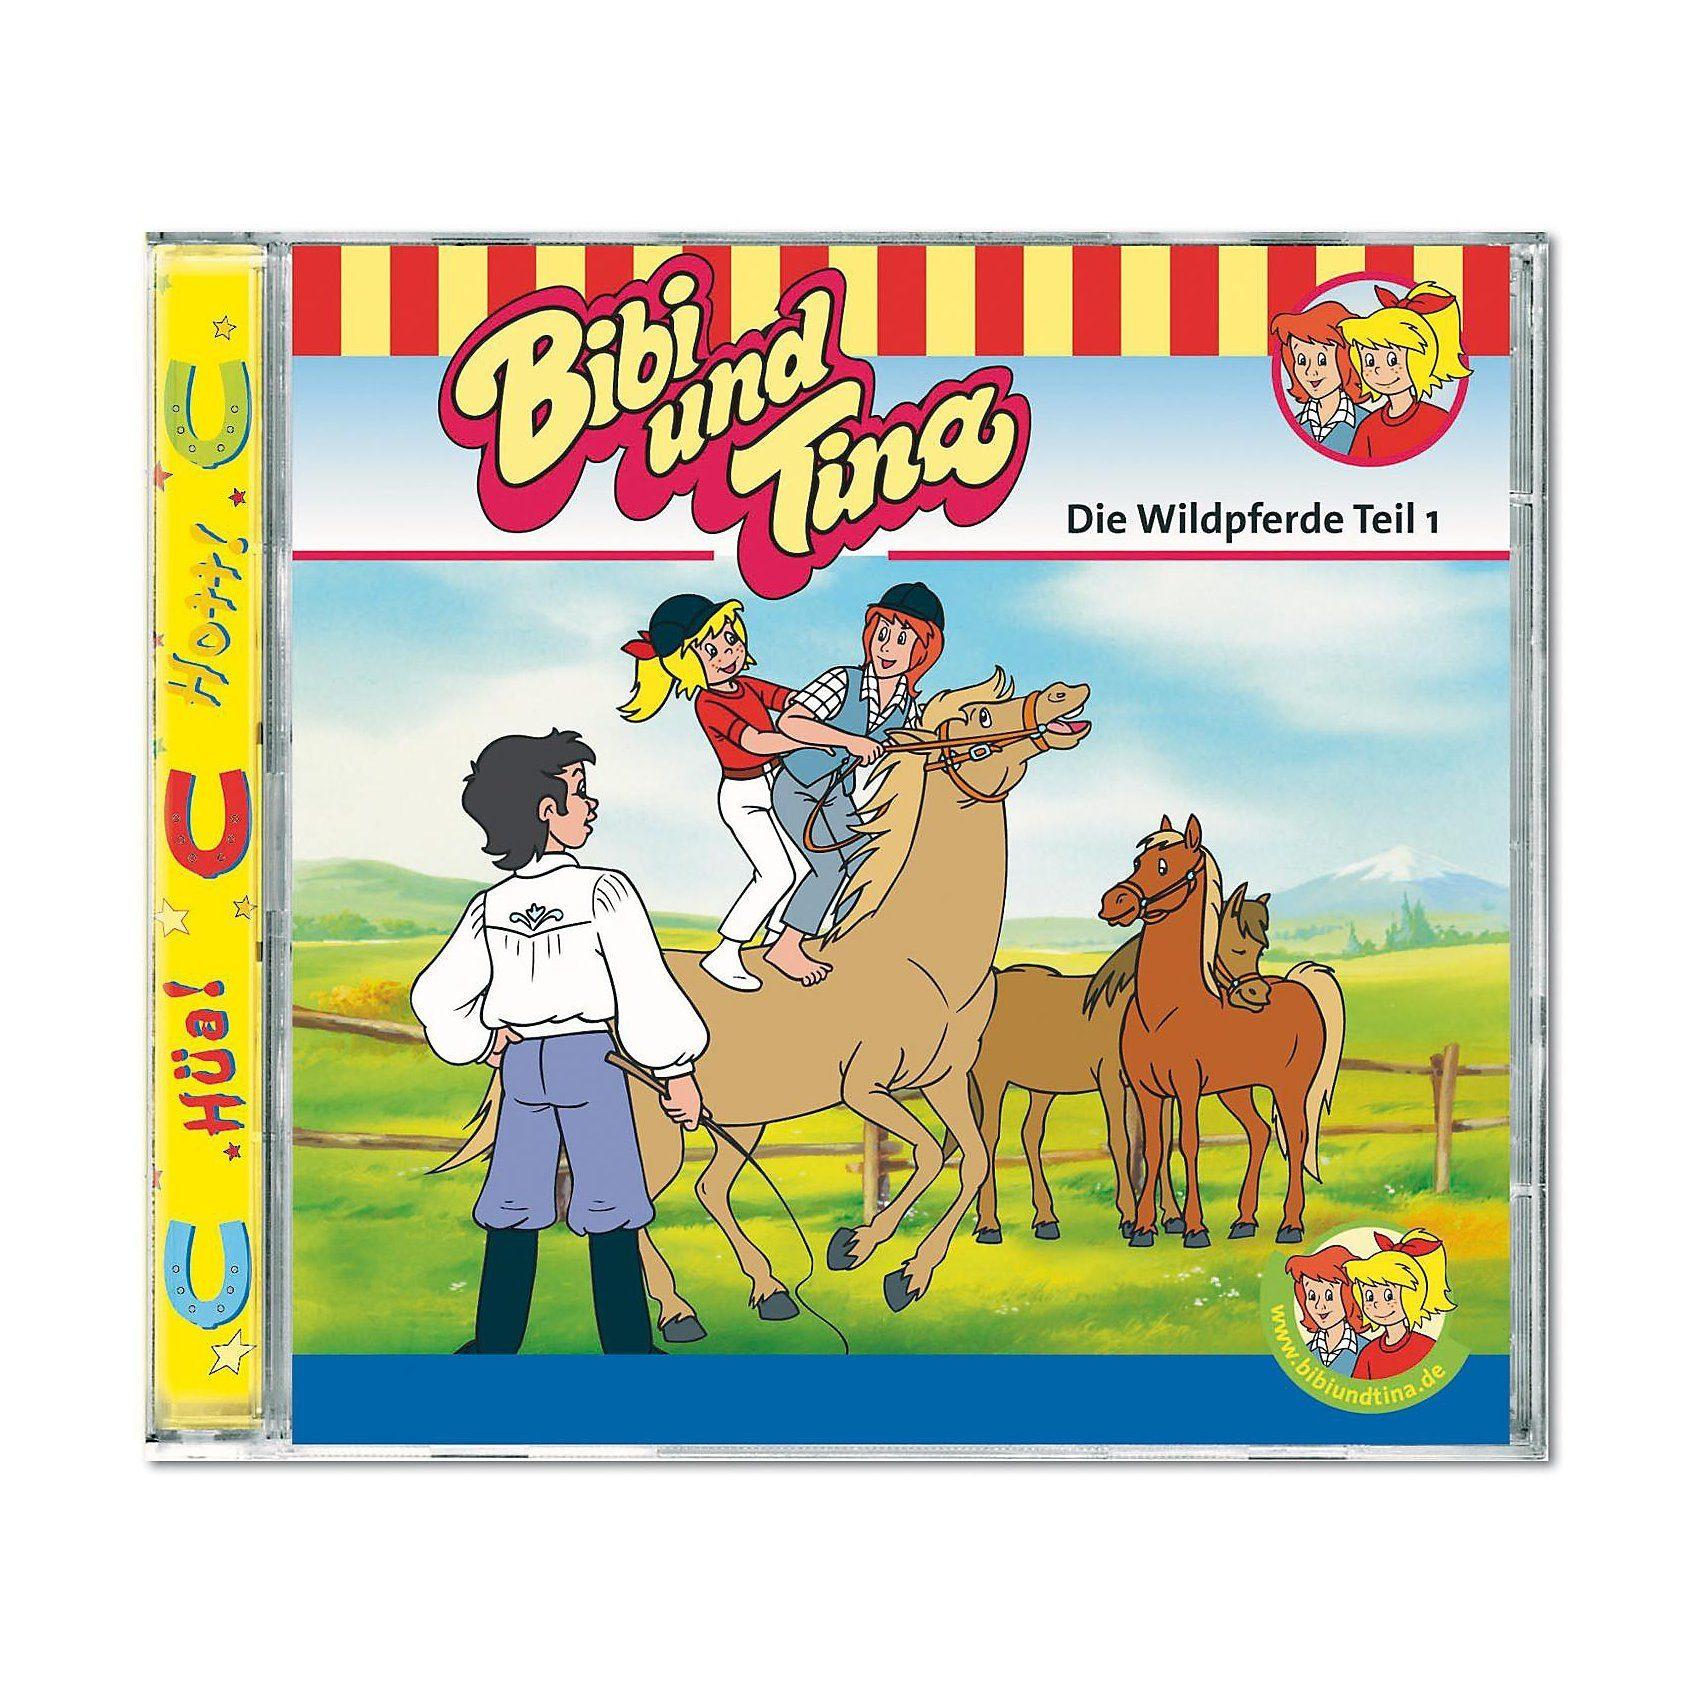 Kiddinx CD Bibi und Tina 13: Die Wildpferde 01